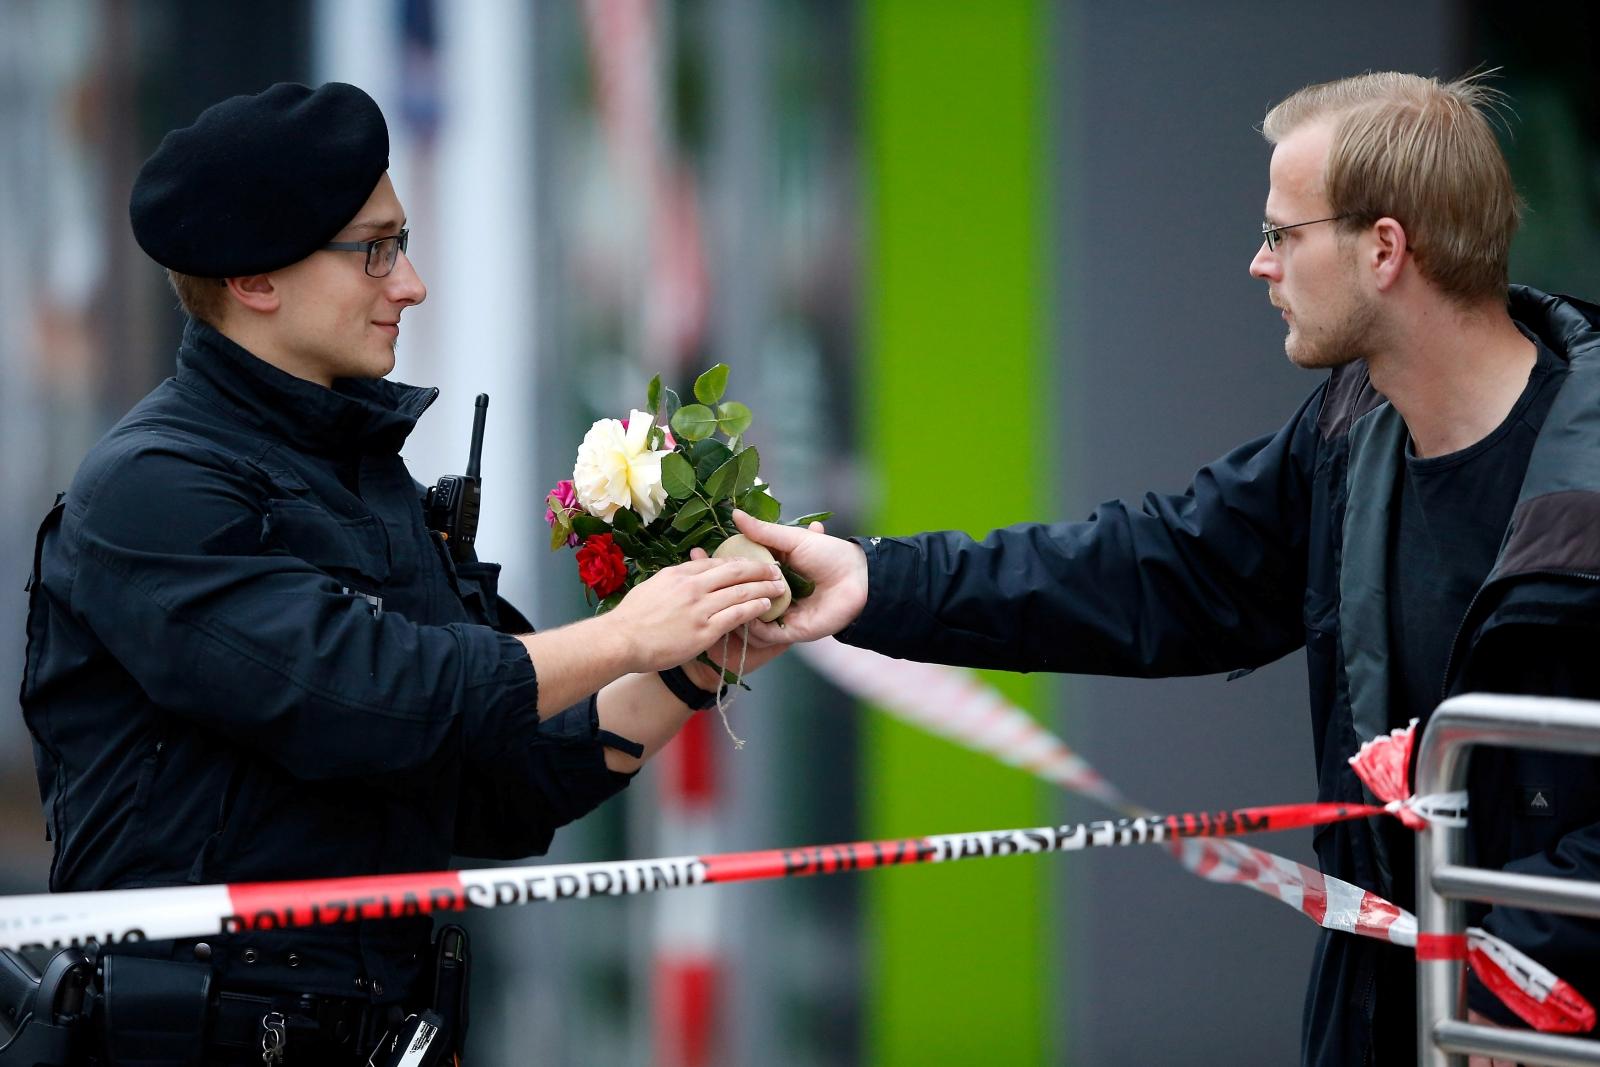 Munich attack